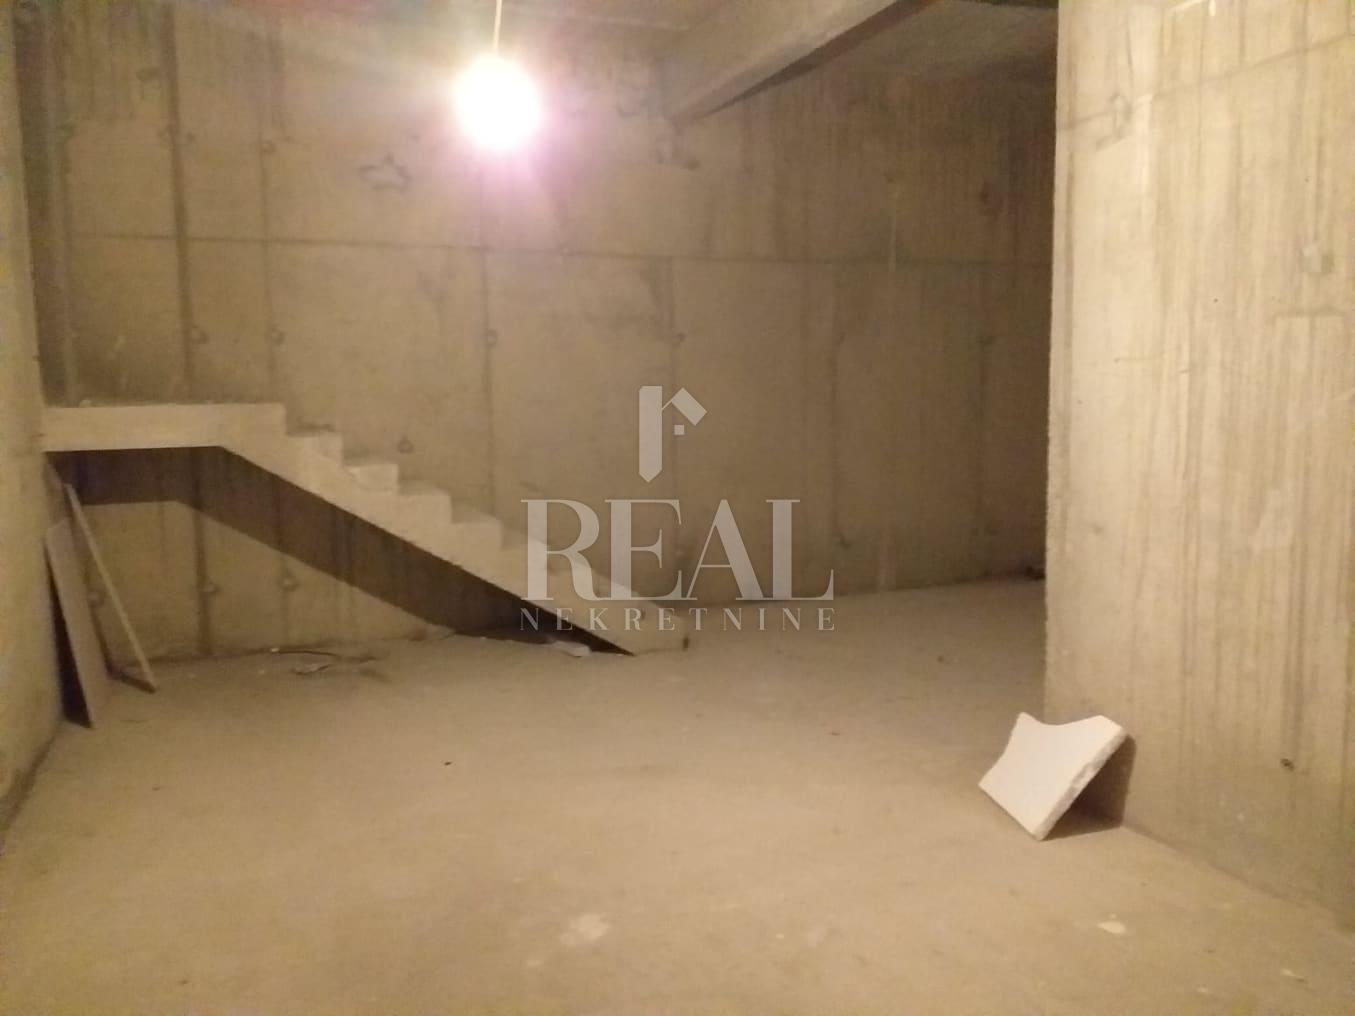 Poslovni prostora za zakup na Donjem Zametu  108 m2